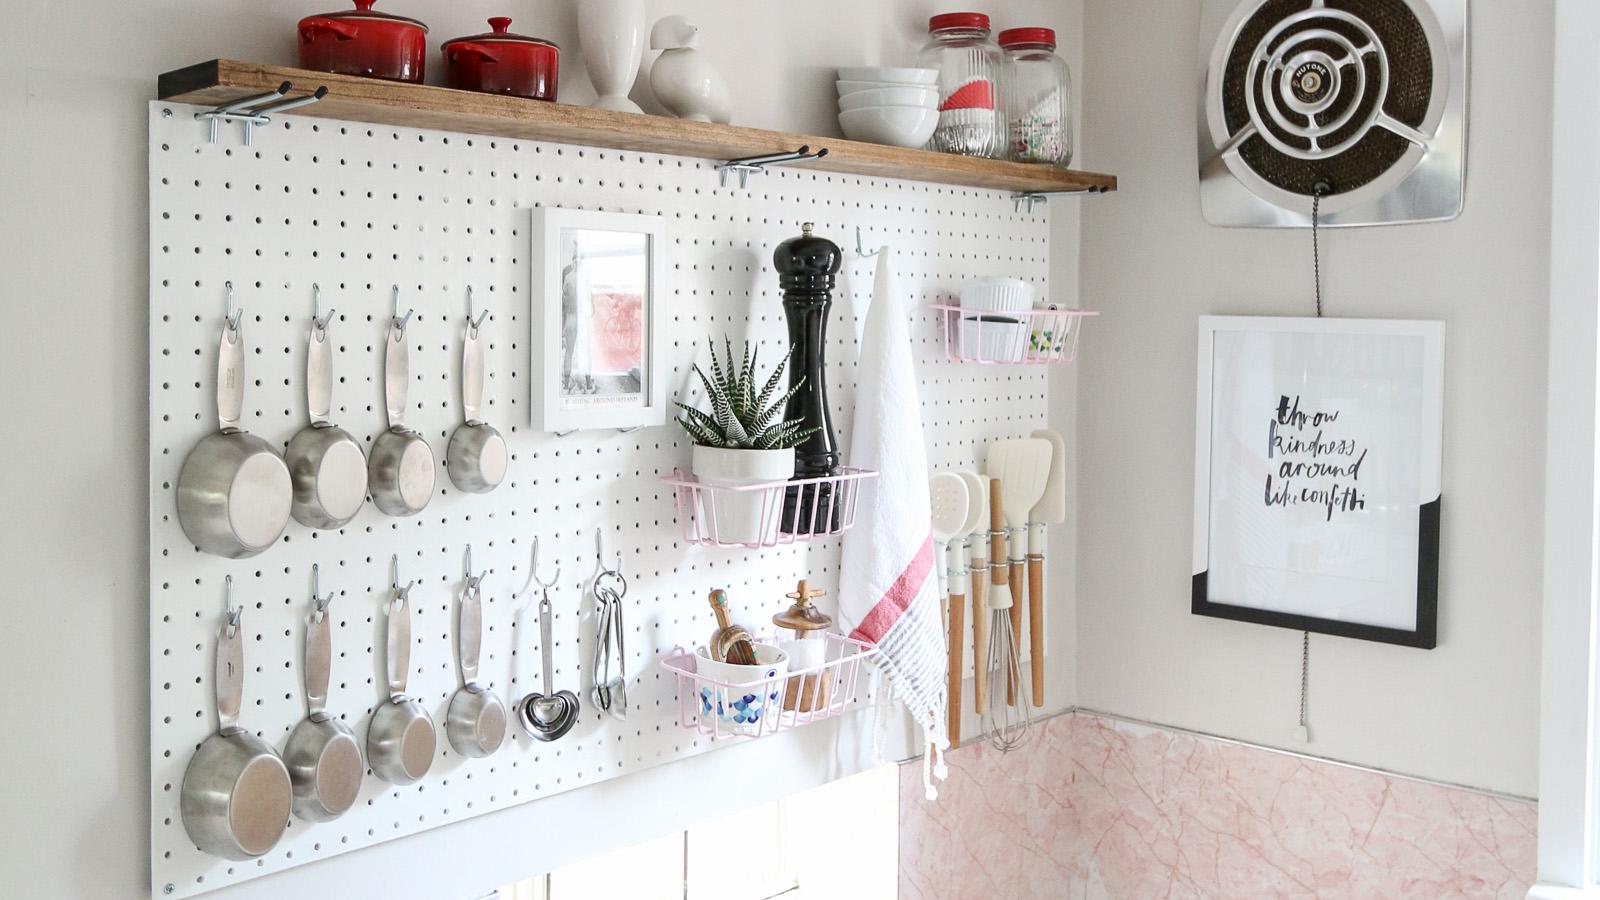 آشنایی با پگ بودر و کاربردهای آن در آشپزخانه